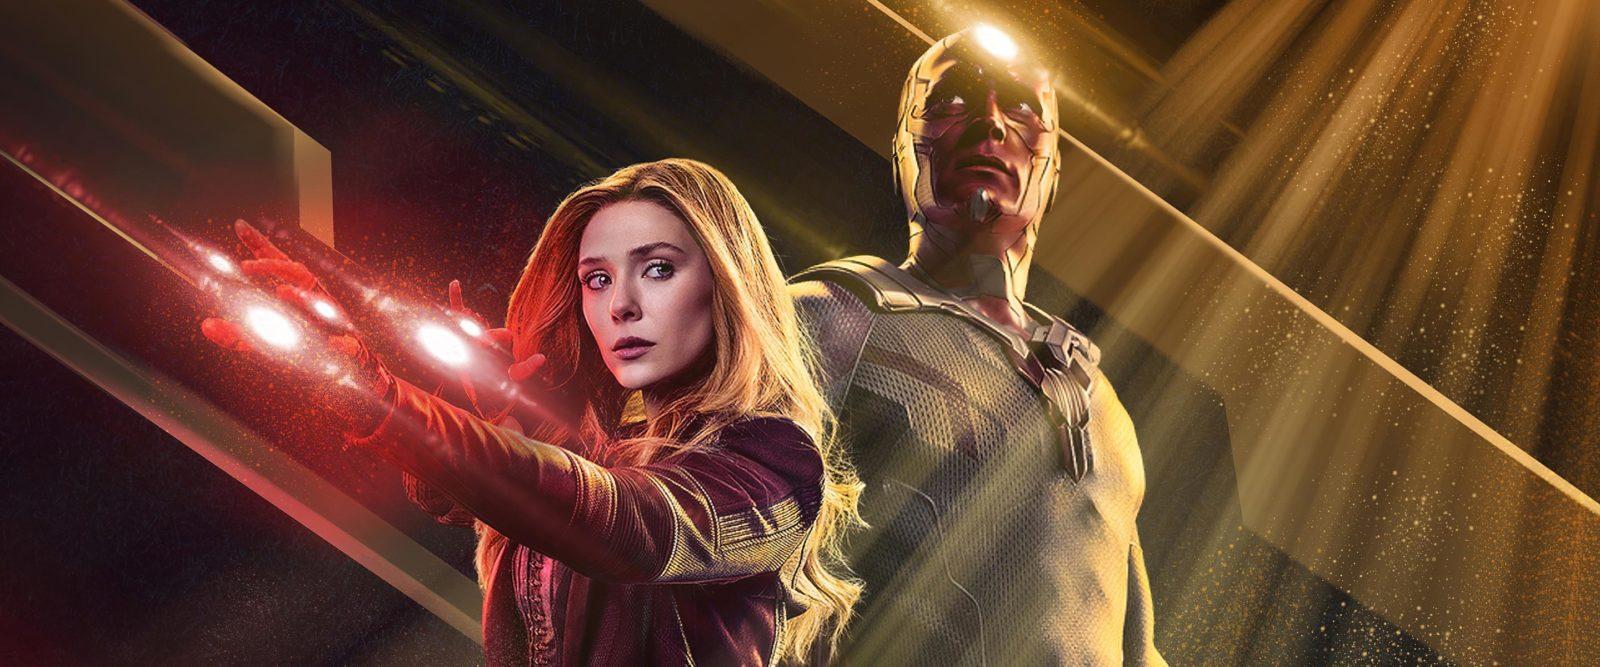 Почему «ВандаВижен» отличается от других проектов Marvel